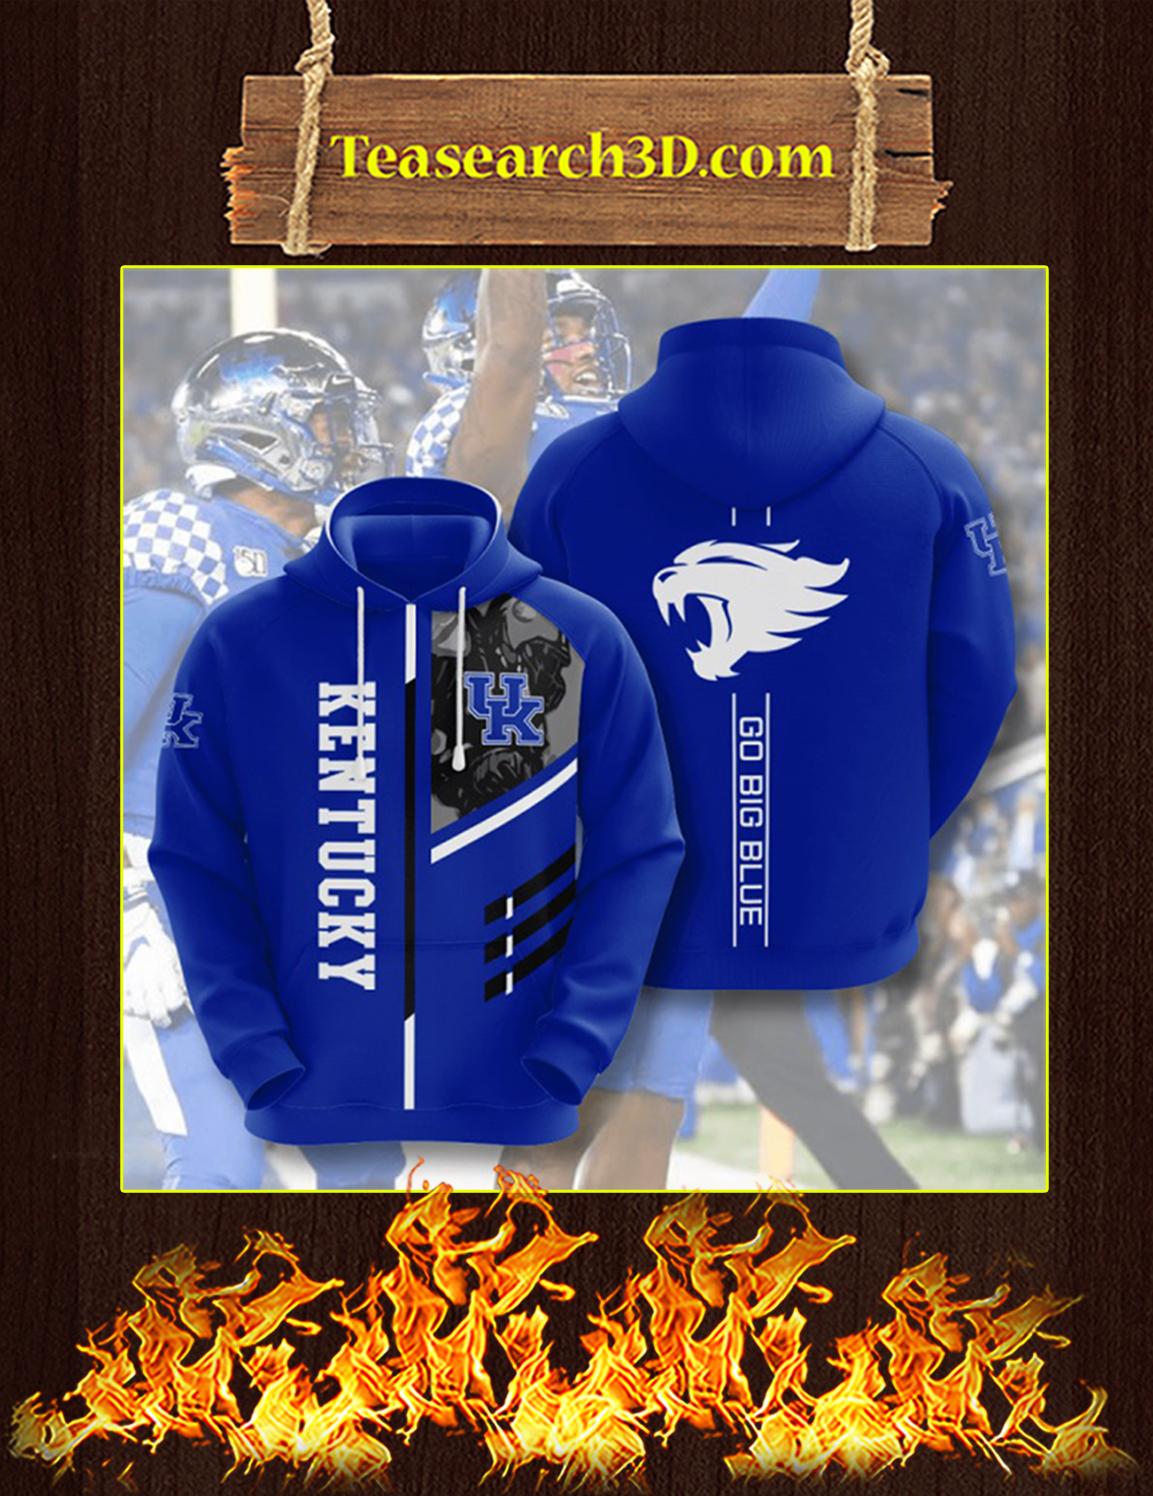 Go Big Blue Kentucky Wildcats 3D Hoodie Size XL